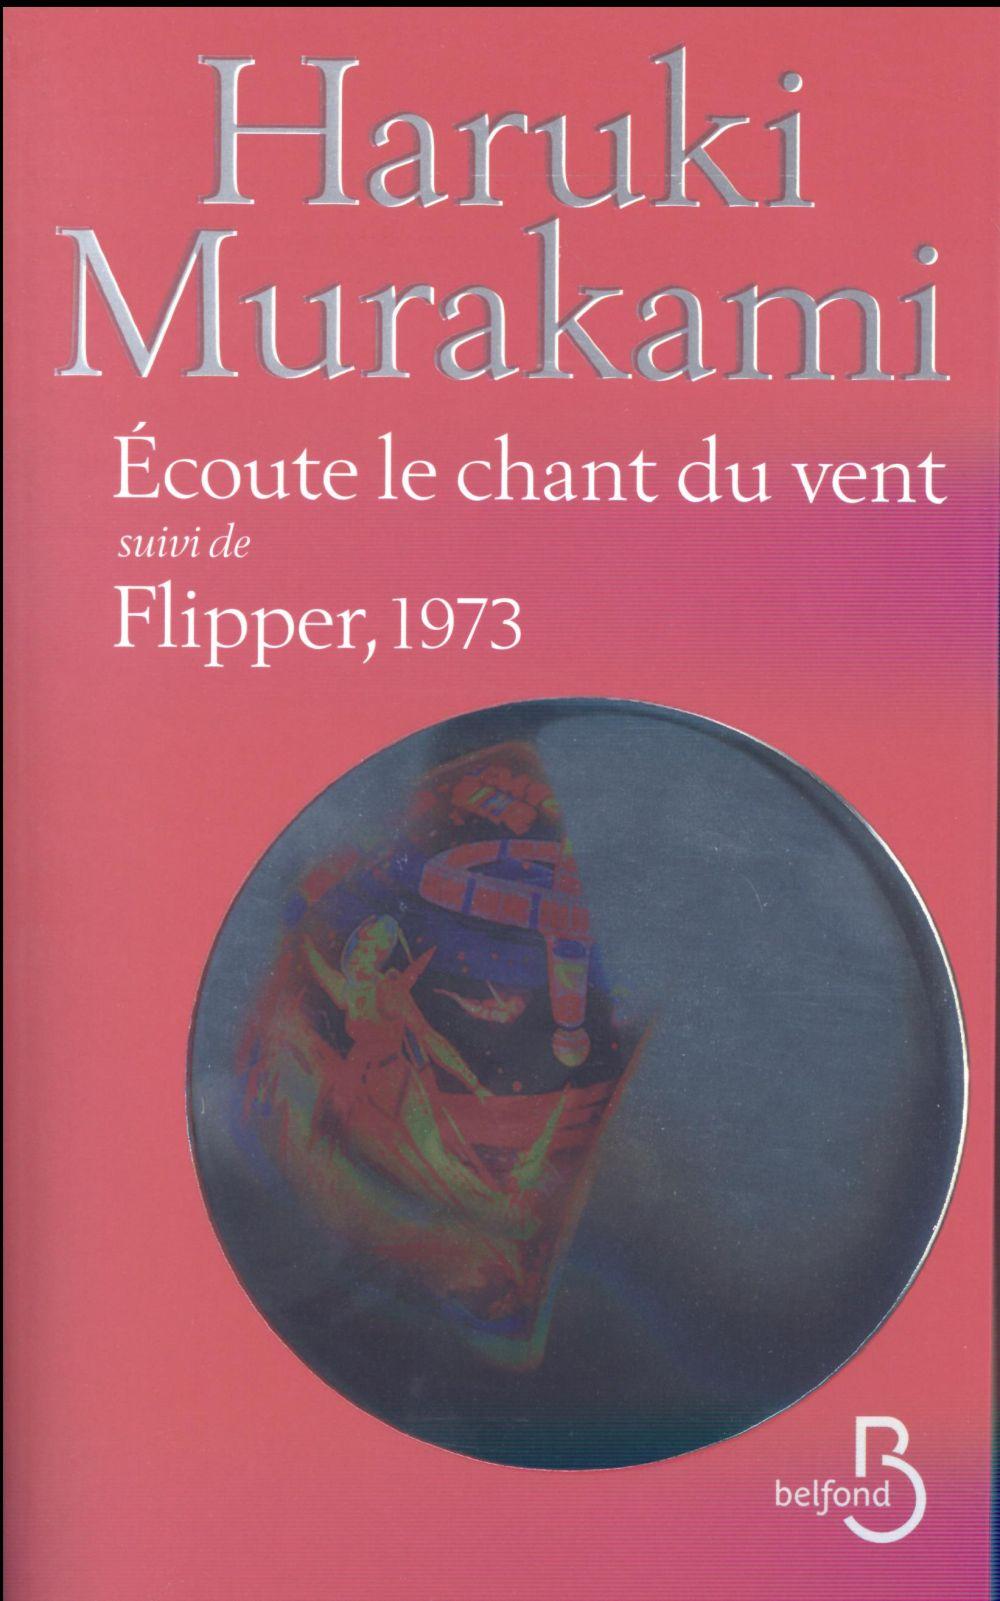 Ecoute Le Chant Du Vent ; Flipper 1973